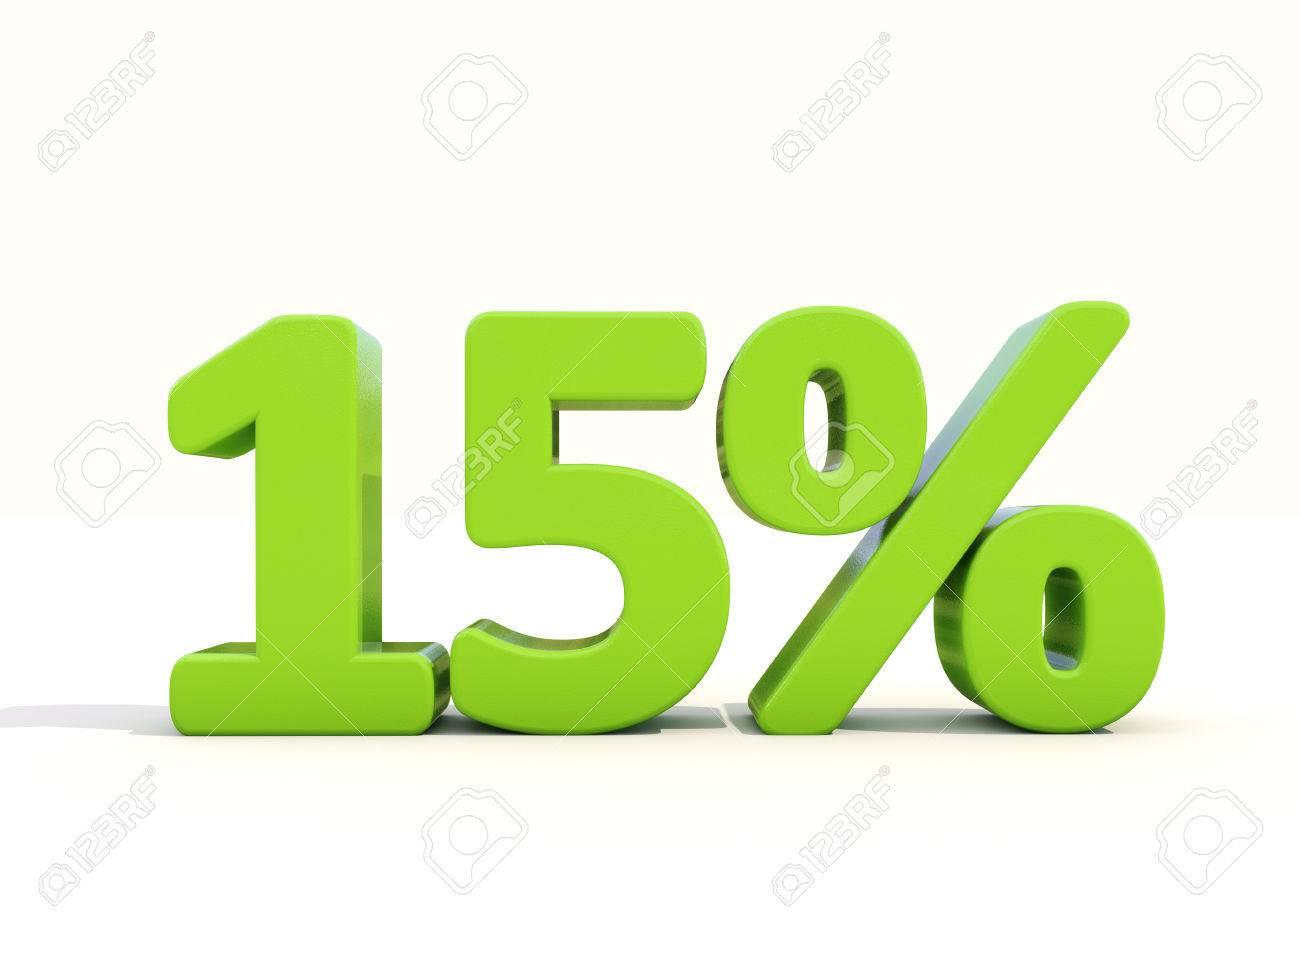 Fifteen percent off. Discount 15%. 3D illustration. - 26102480